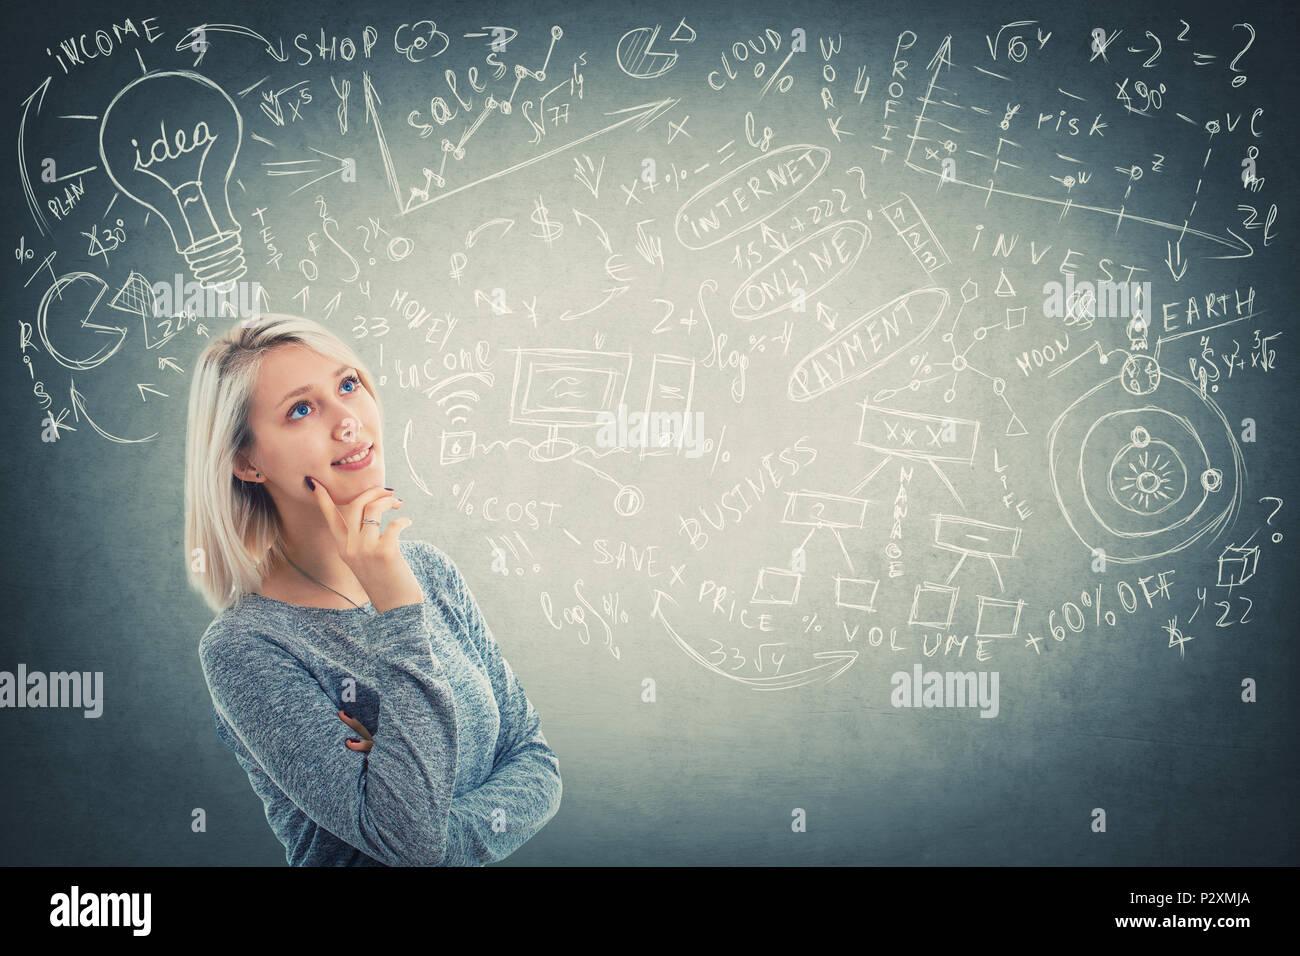 Ritratto di pensosa giovane donna che guarda verso l'alto e immaginando, ha molte idee, sognando. Il processo decisionale. Positivo ragazza perplesso pensando ad un modo Immagini Stock